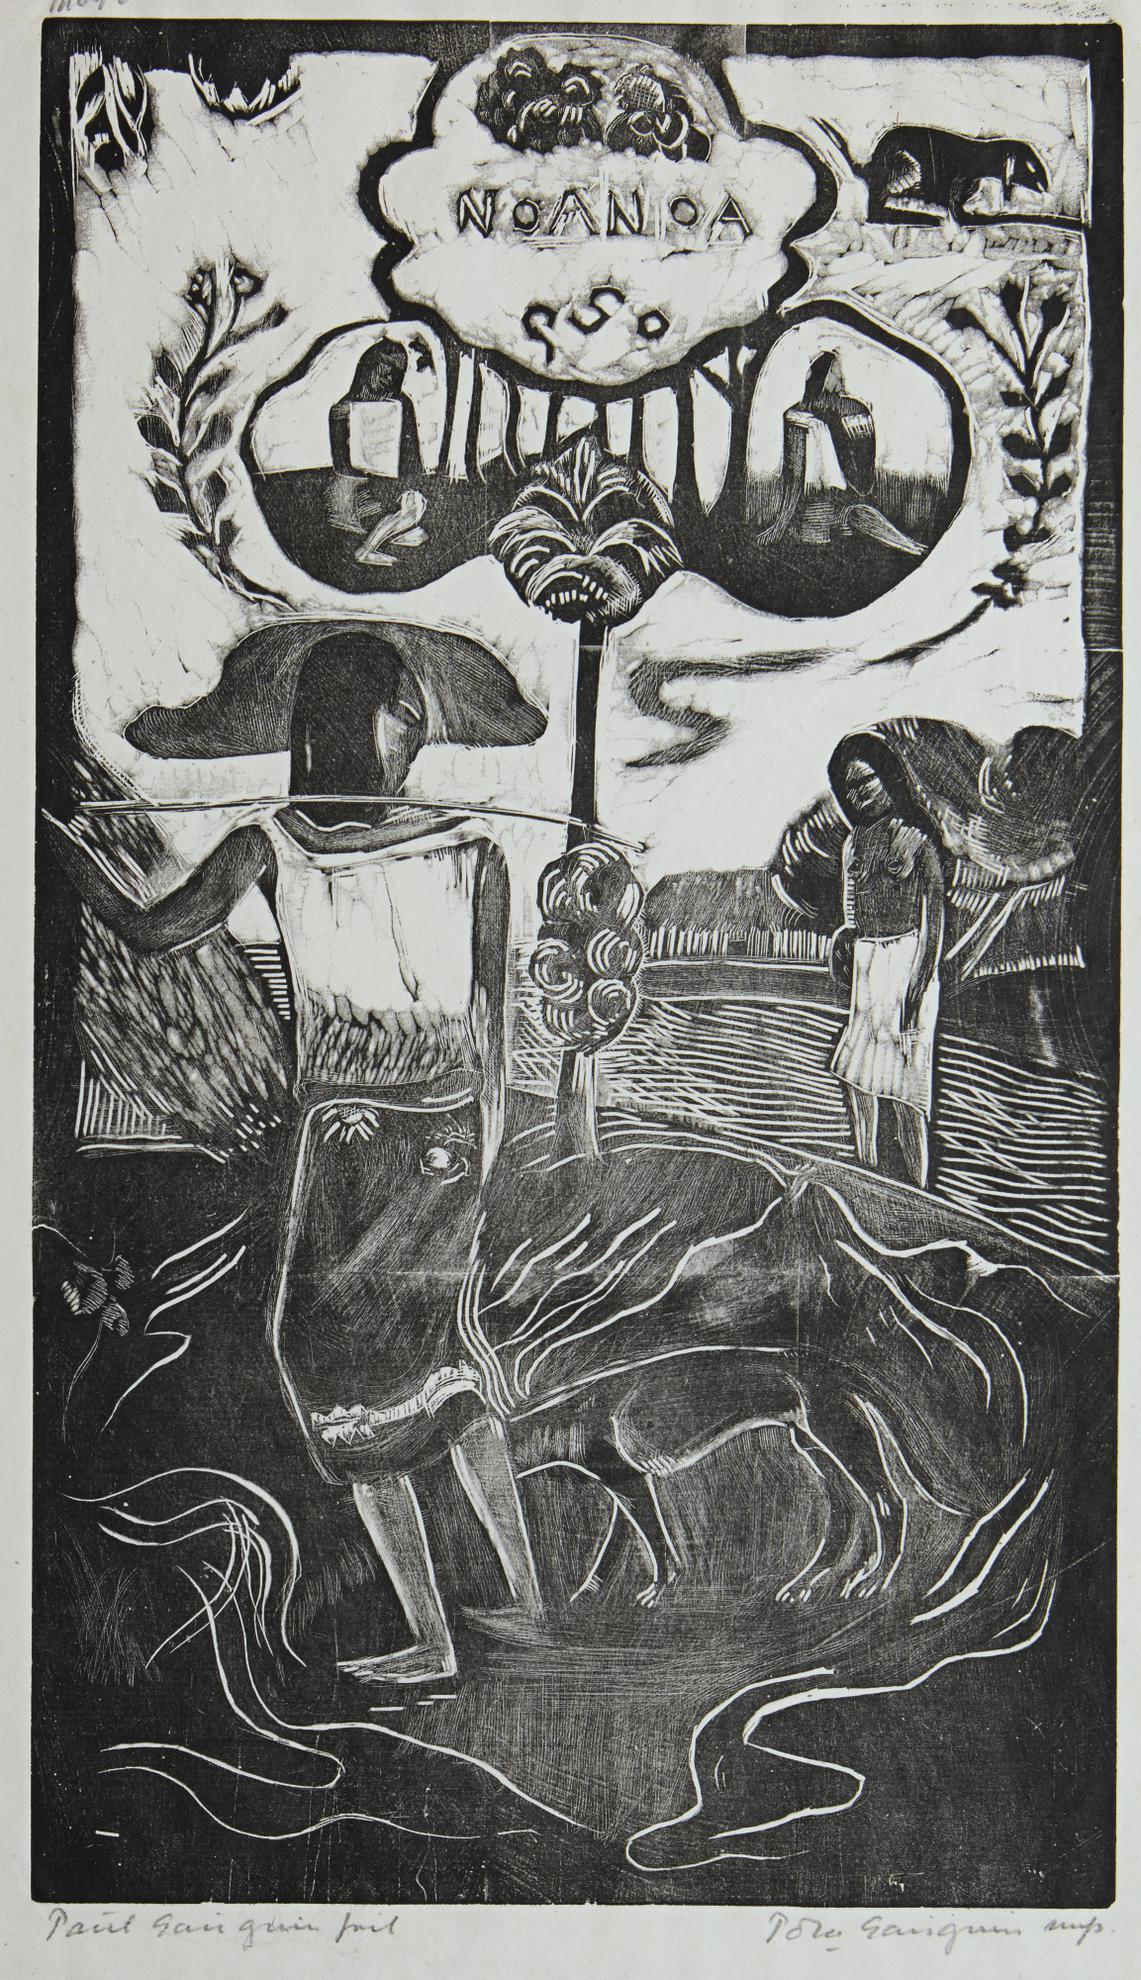 Paul Gauguin-Noa Noa (Mongan/Kornfeld/Joachim 13)-1894